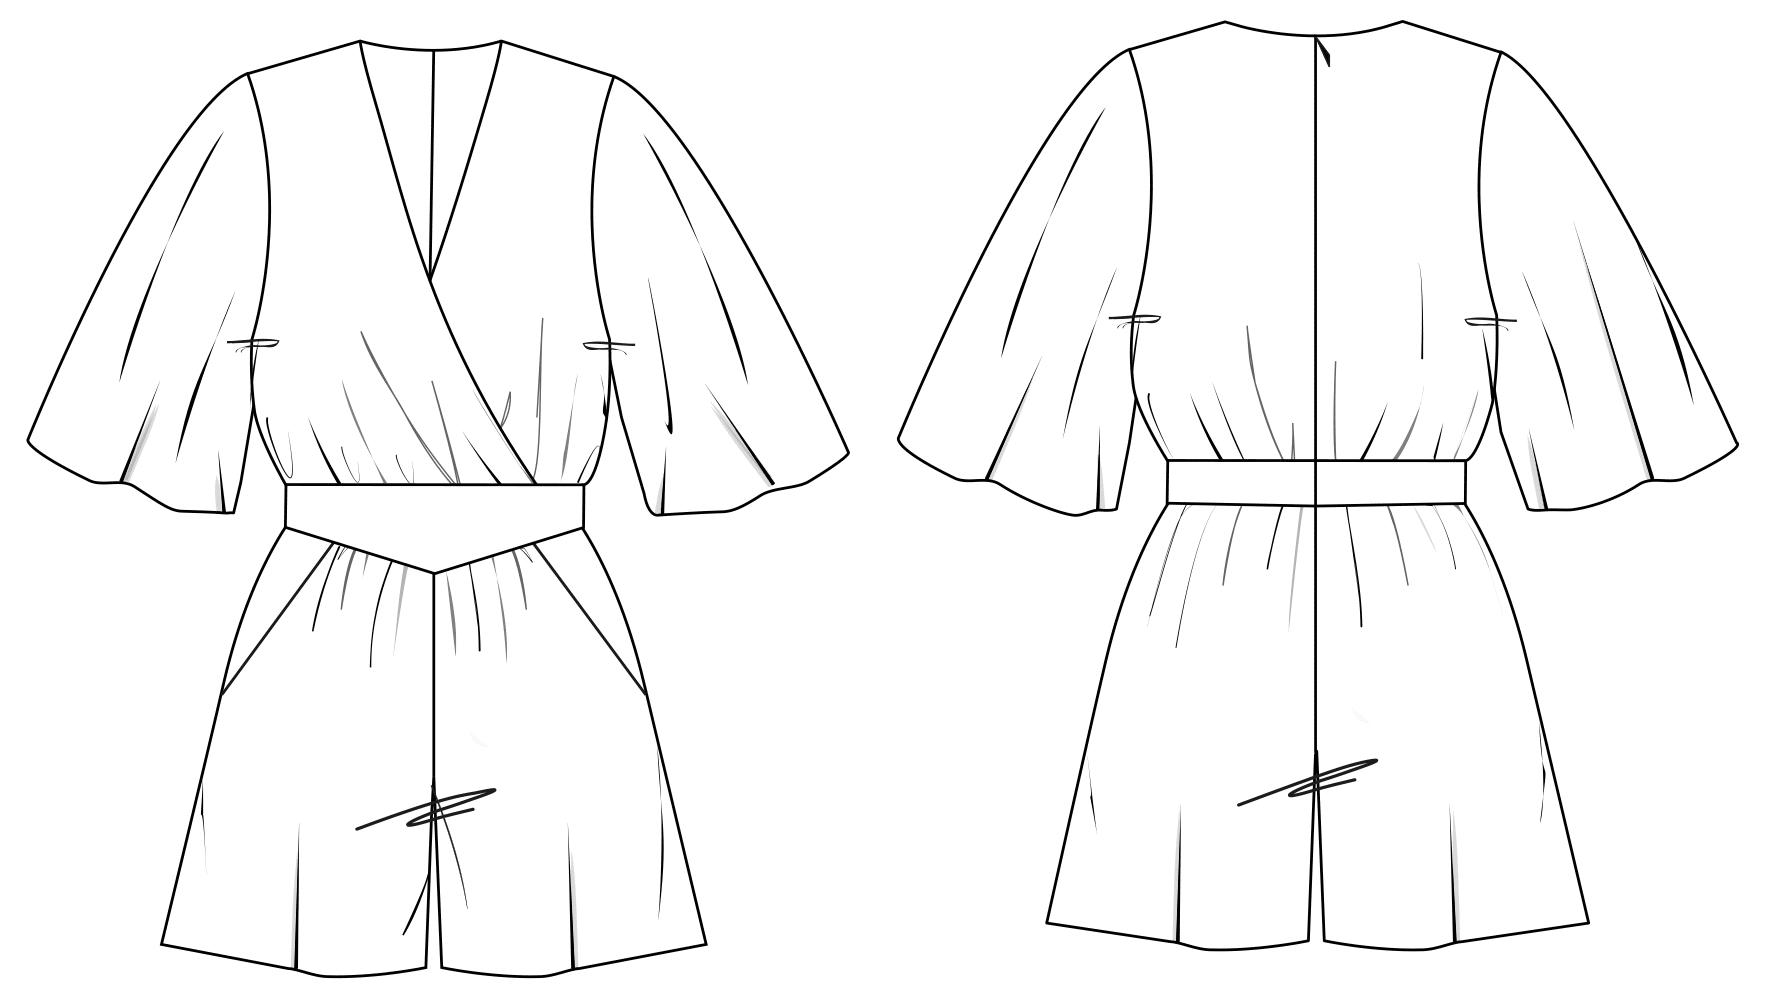 Zu sehen ist die technische Zeichnung der Vorder- und Rückansicht eines kurzen Overalls. Sie dient als Vorlage für die Schnitt-Technik.